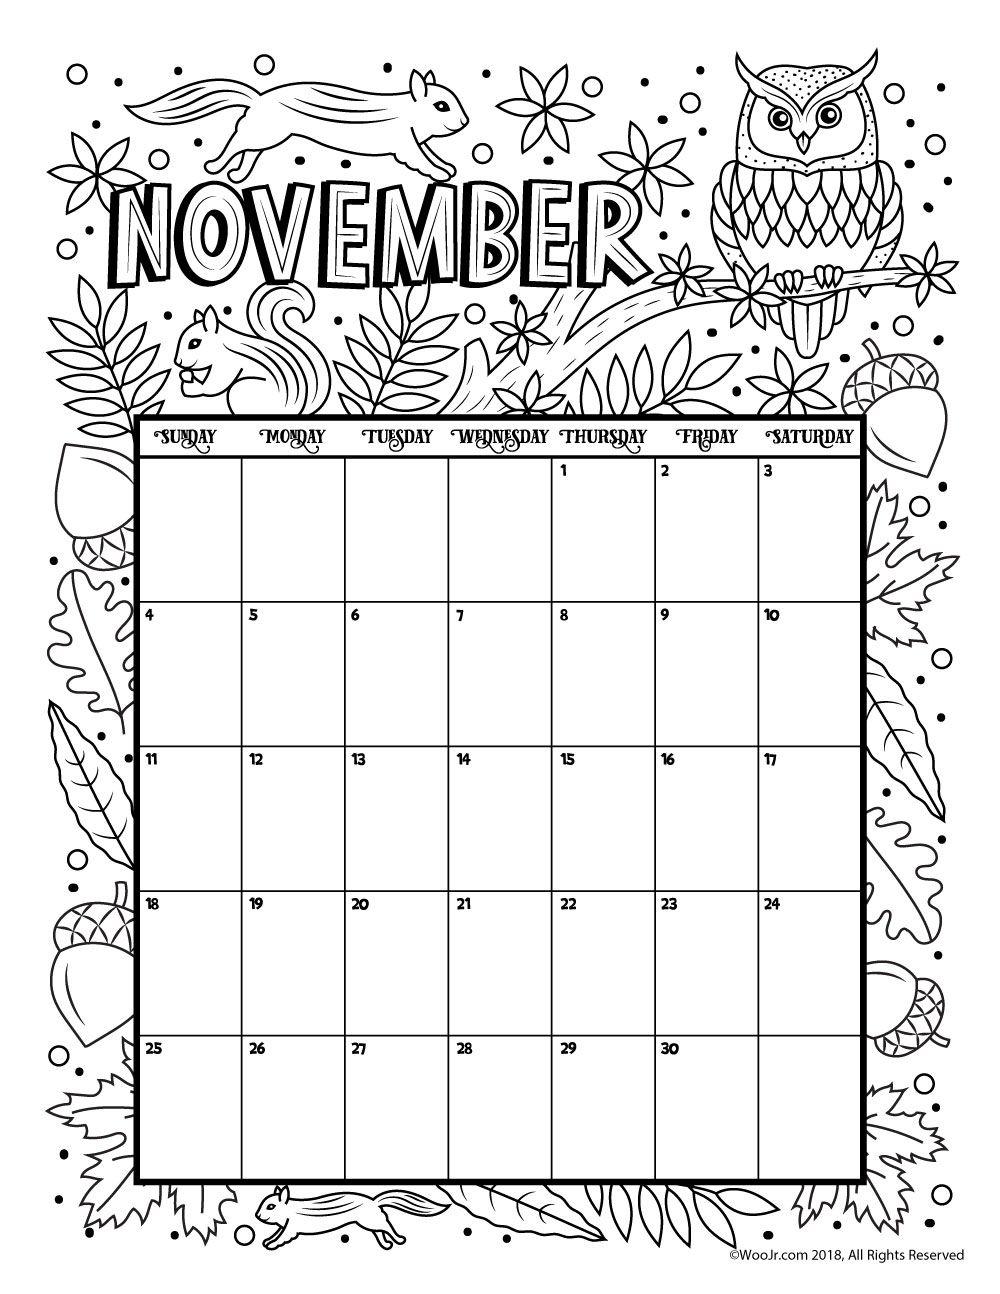 November 2018 Calendar - Printable November 2018 Calendar ...